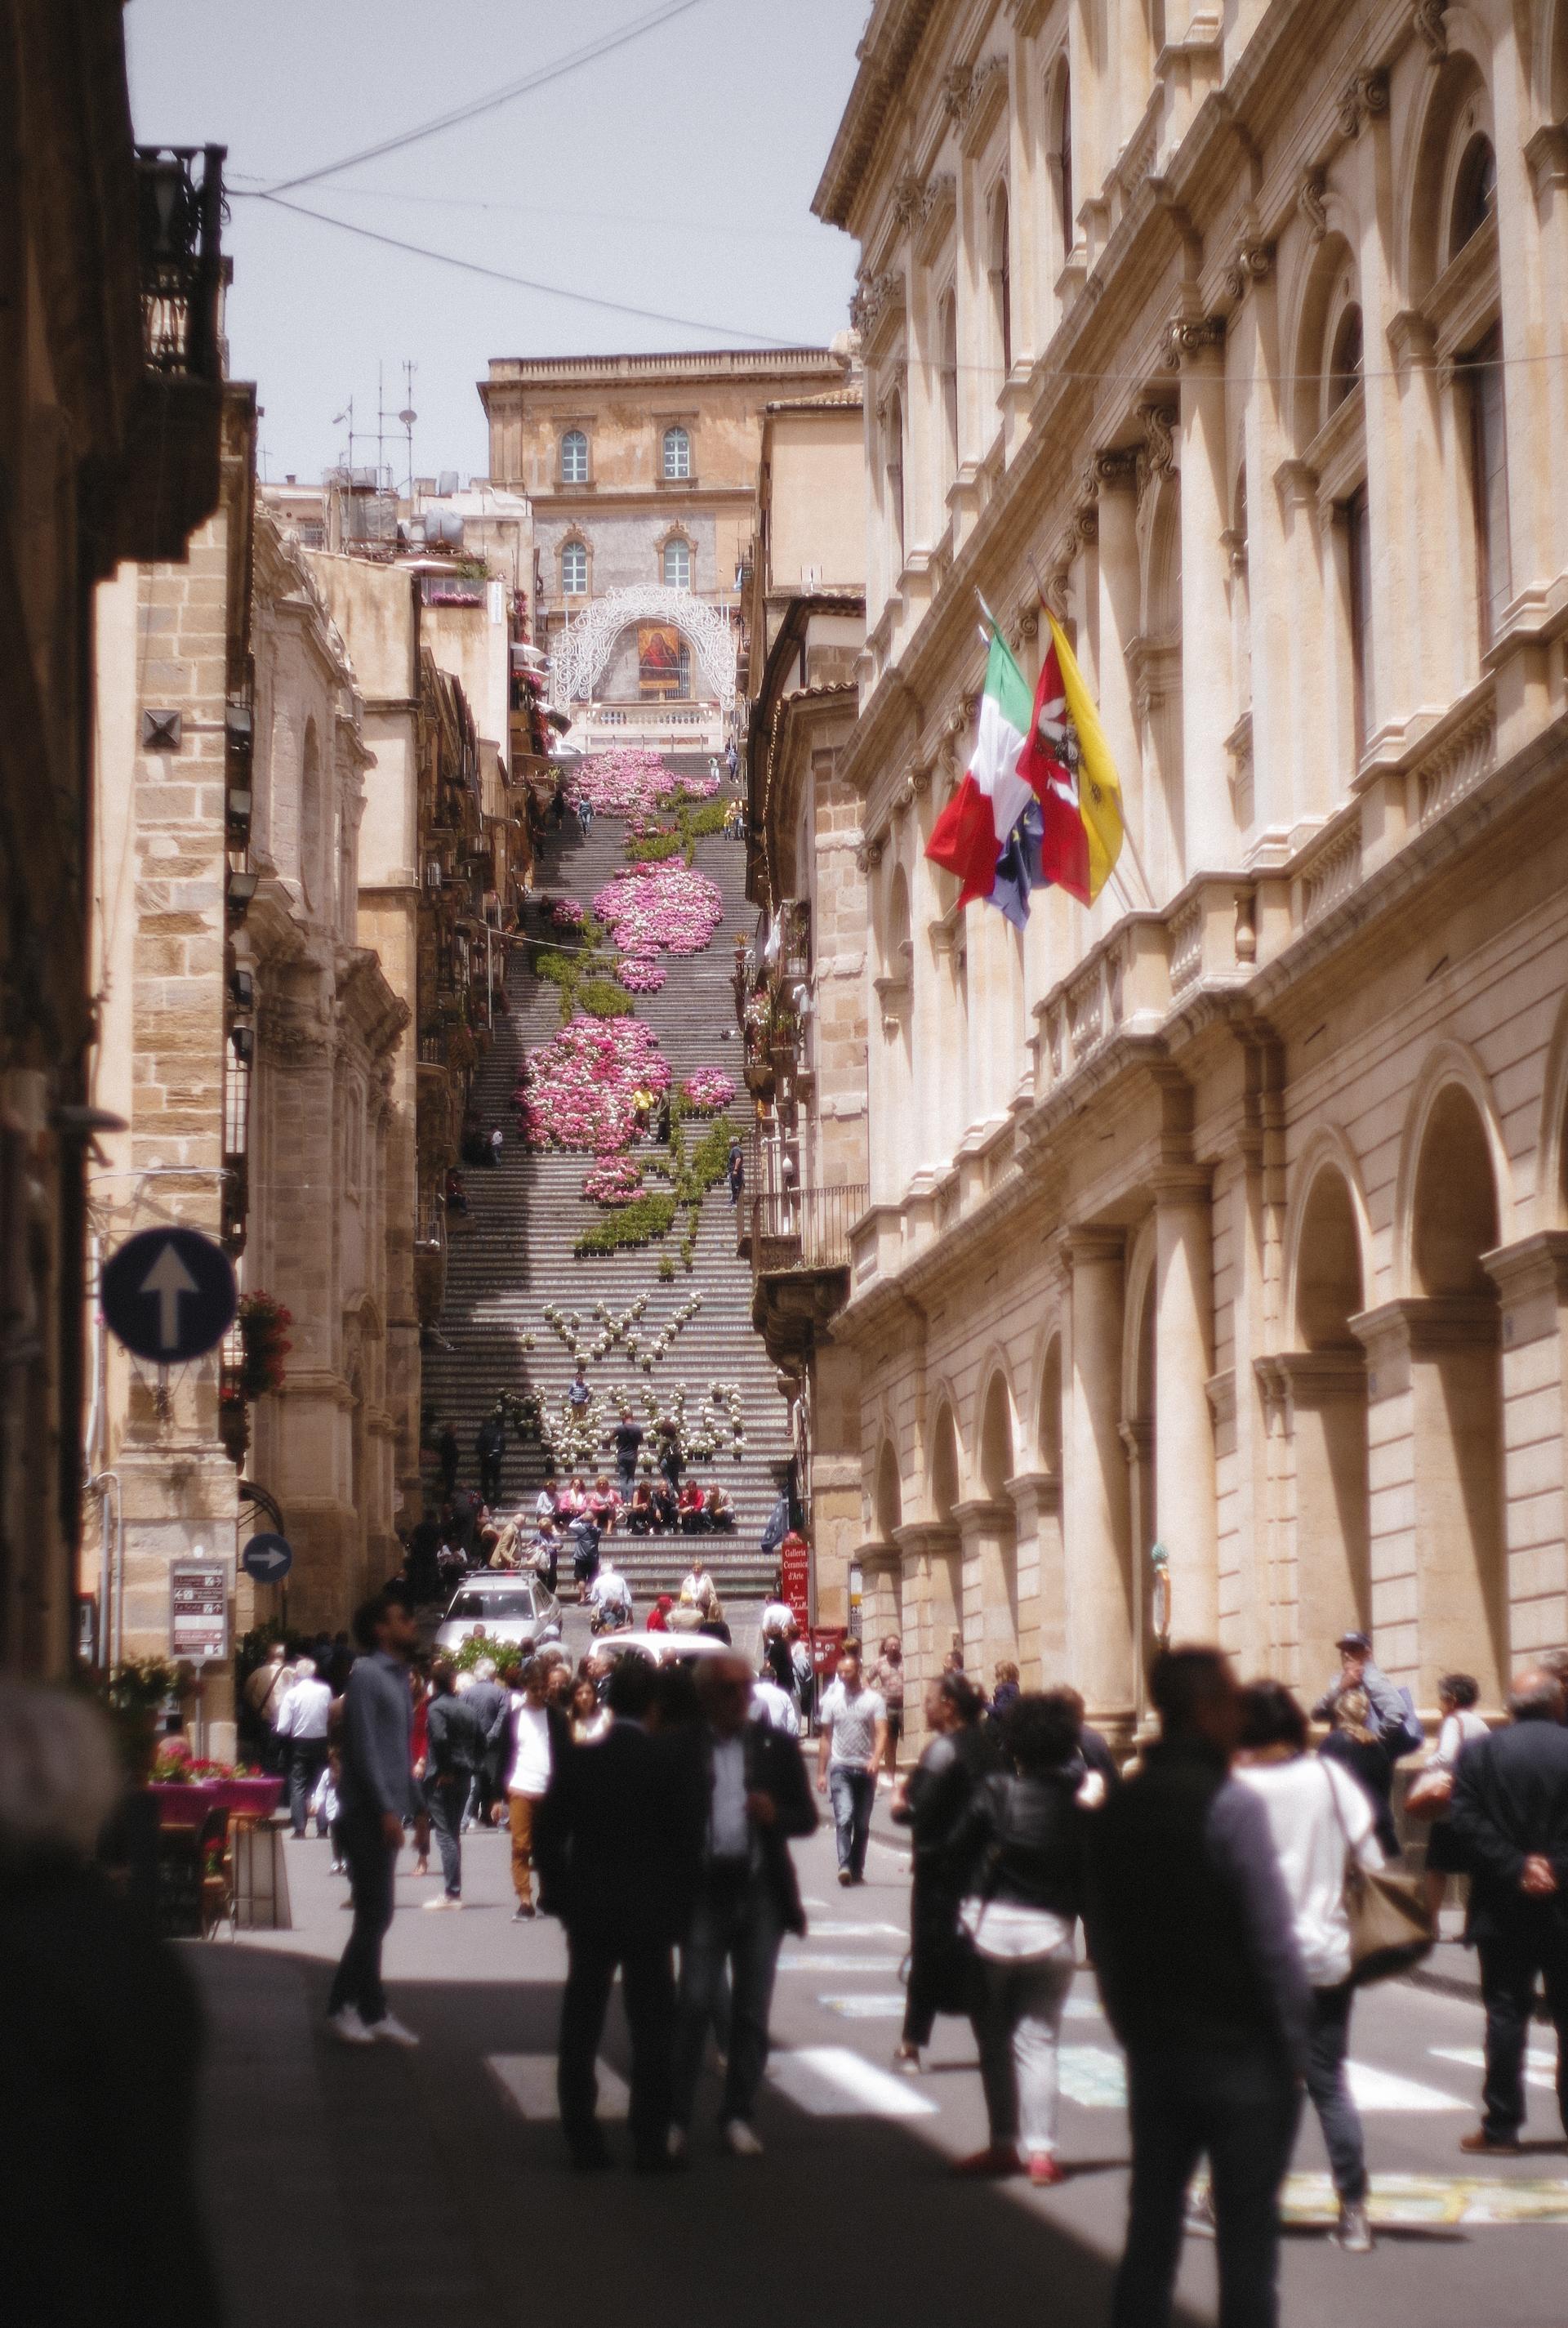 SICILY - Caltagirone